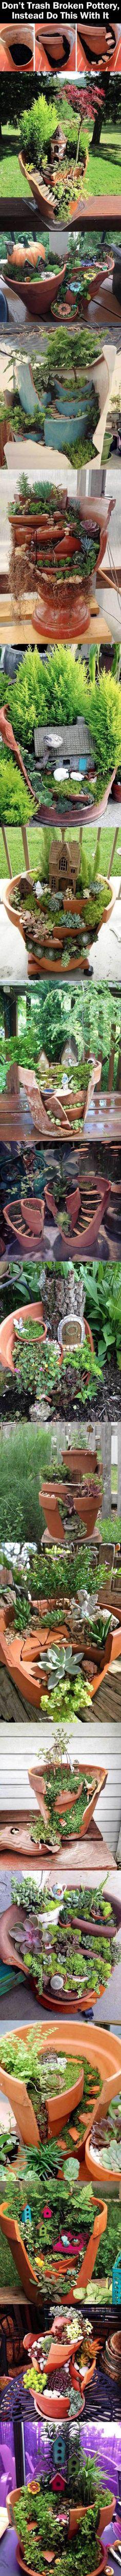 How to turn broken pots in garden art.